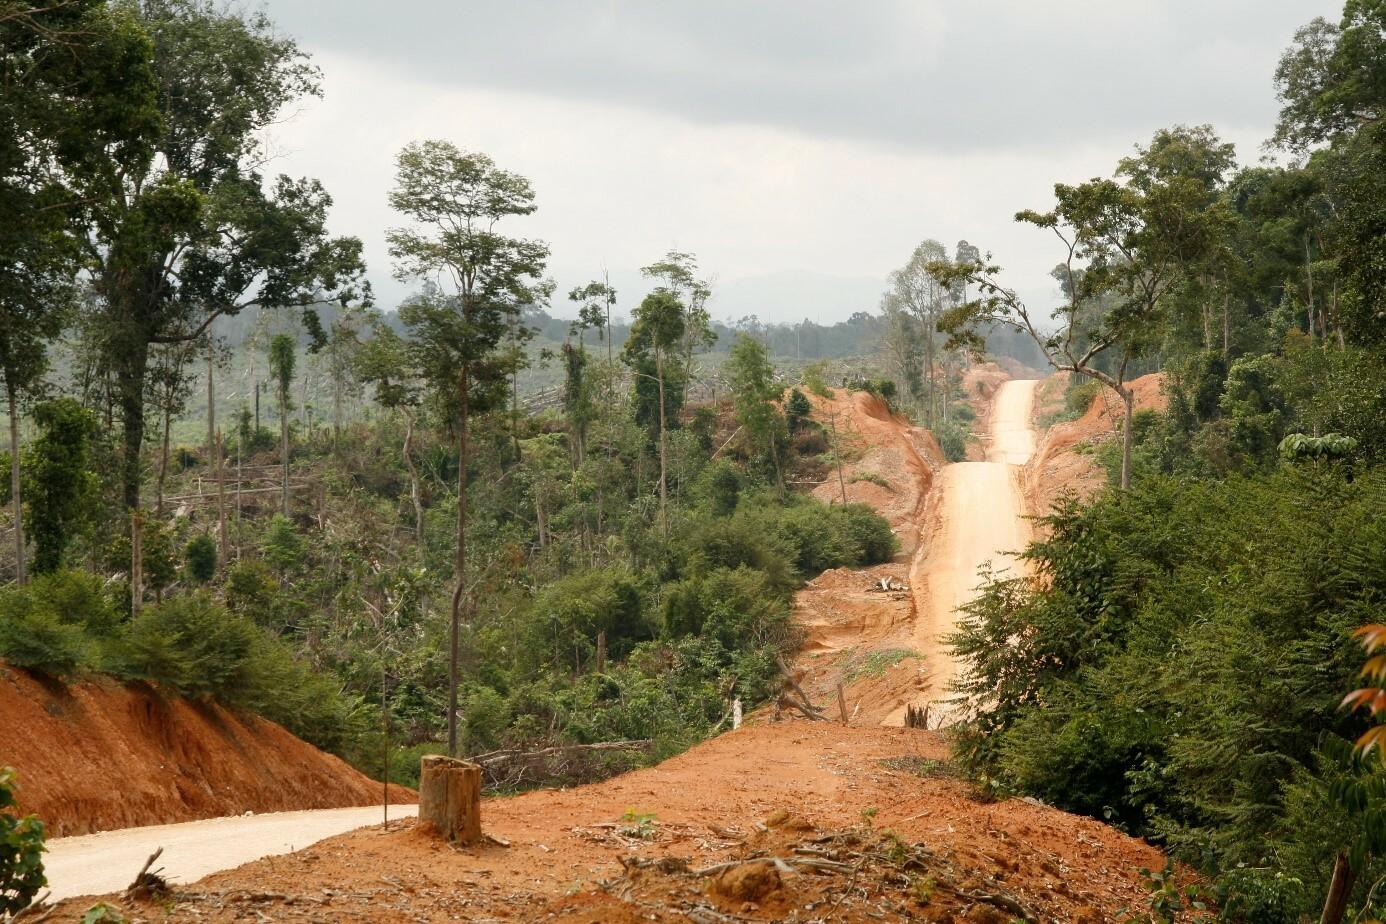 Abholzung zur Anpflanzung von Ölpalmen auf einem stark verwittertem Boden in den Tropen.